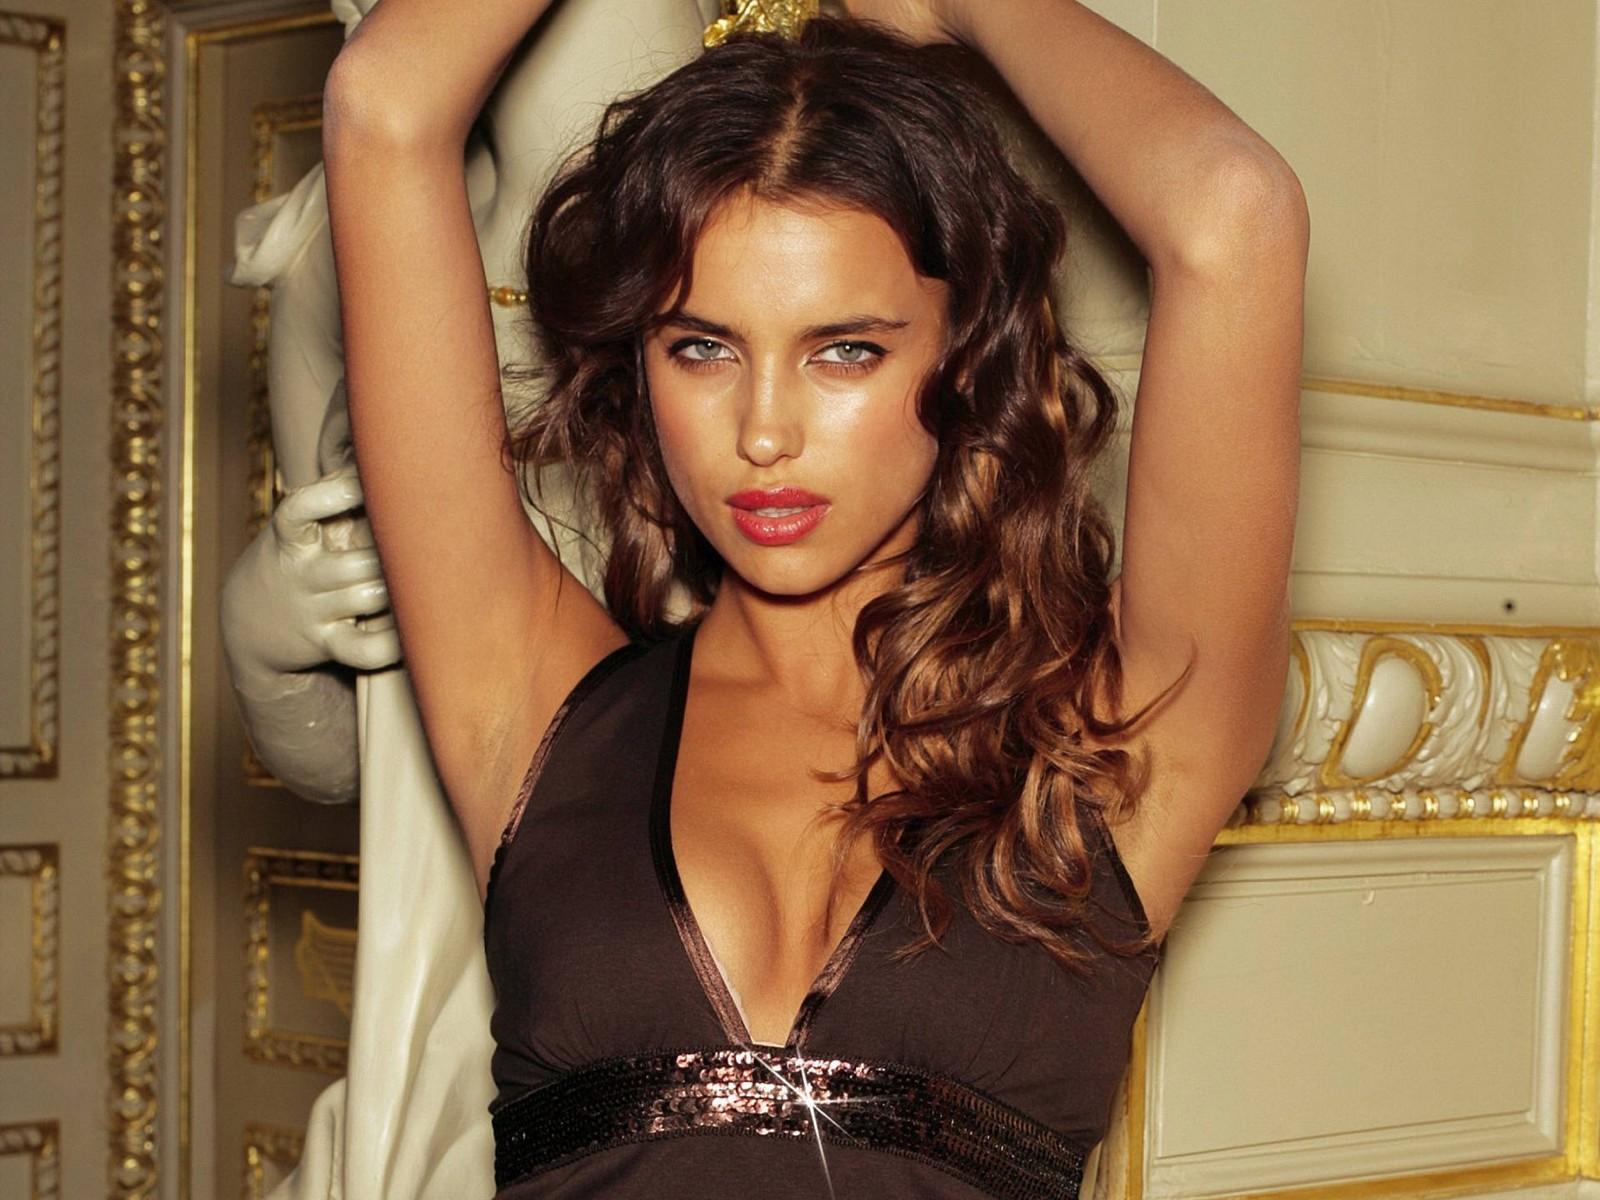 http://1.bp.blogspot.com/-vXx9FGYbiJo/T7nqUc29hqI/AAAAAAAABtA/HqFlWosmRe8/s1600/Russian+Girls+Wallpapers-26.jpg